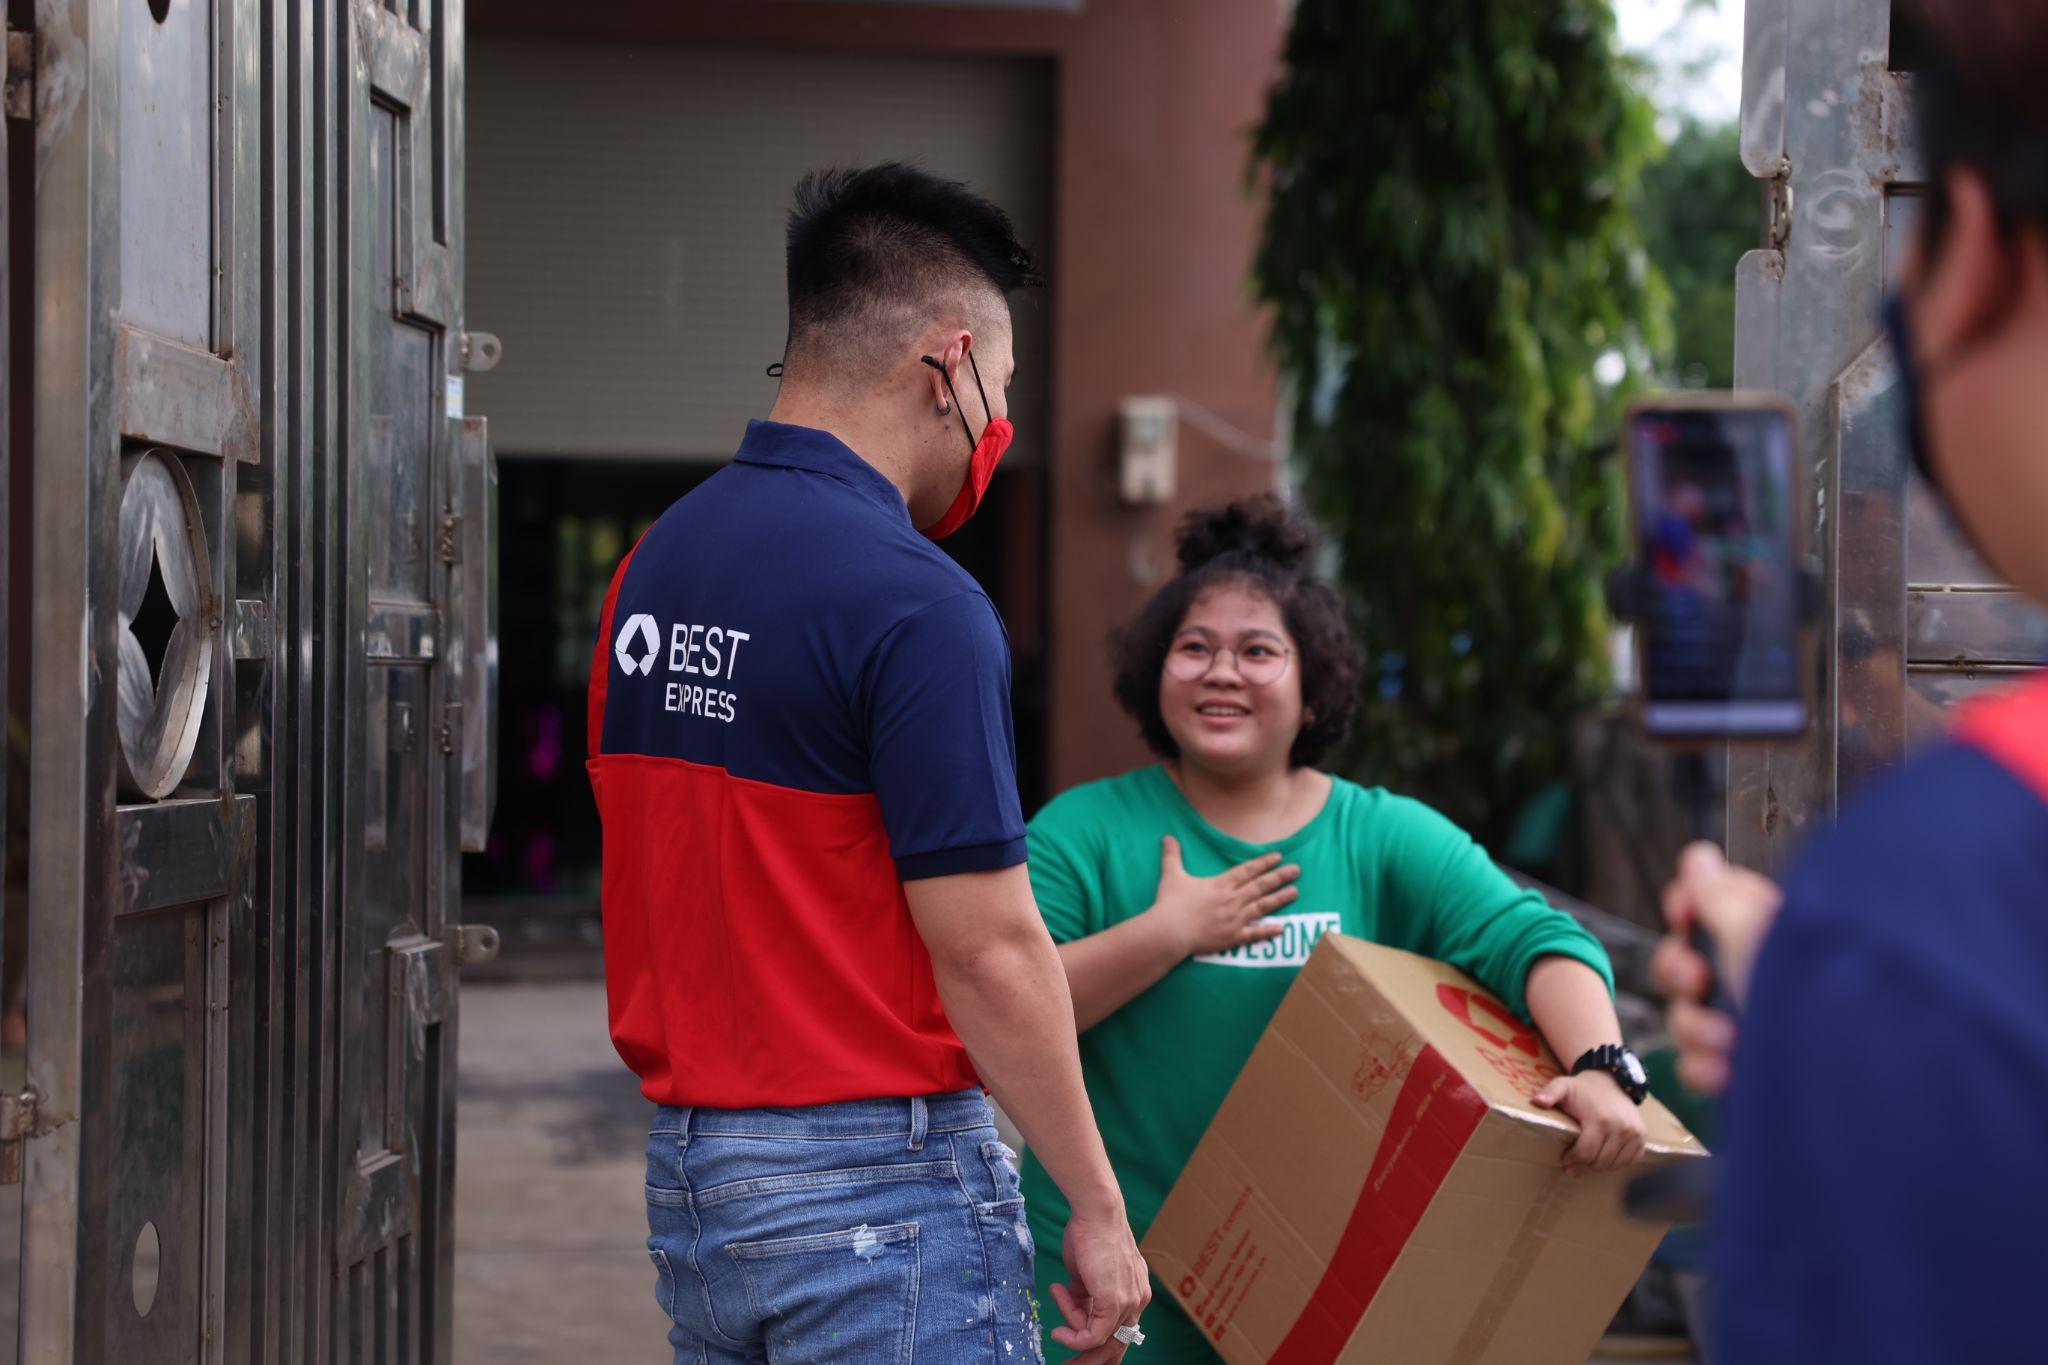 Khoảnh khắc bất ngờ của bạn nữ khi được Lê Dương Bảo Lâm mang quà đến tận tay. Shipper Dương Lâm thể hiện sự chuyên nghiệp khi giao hàng cho khách.